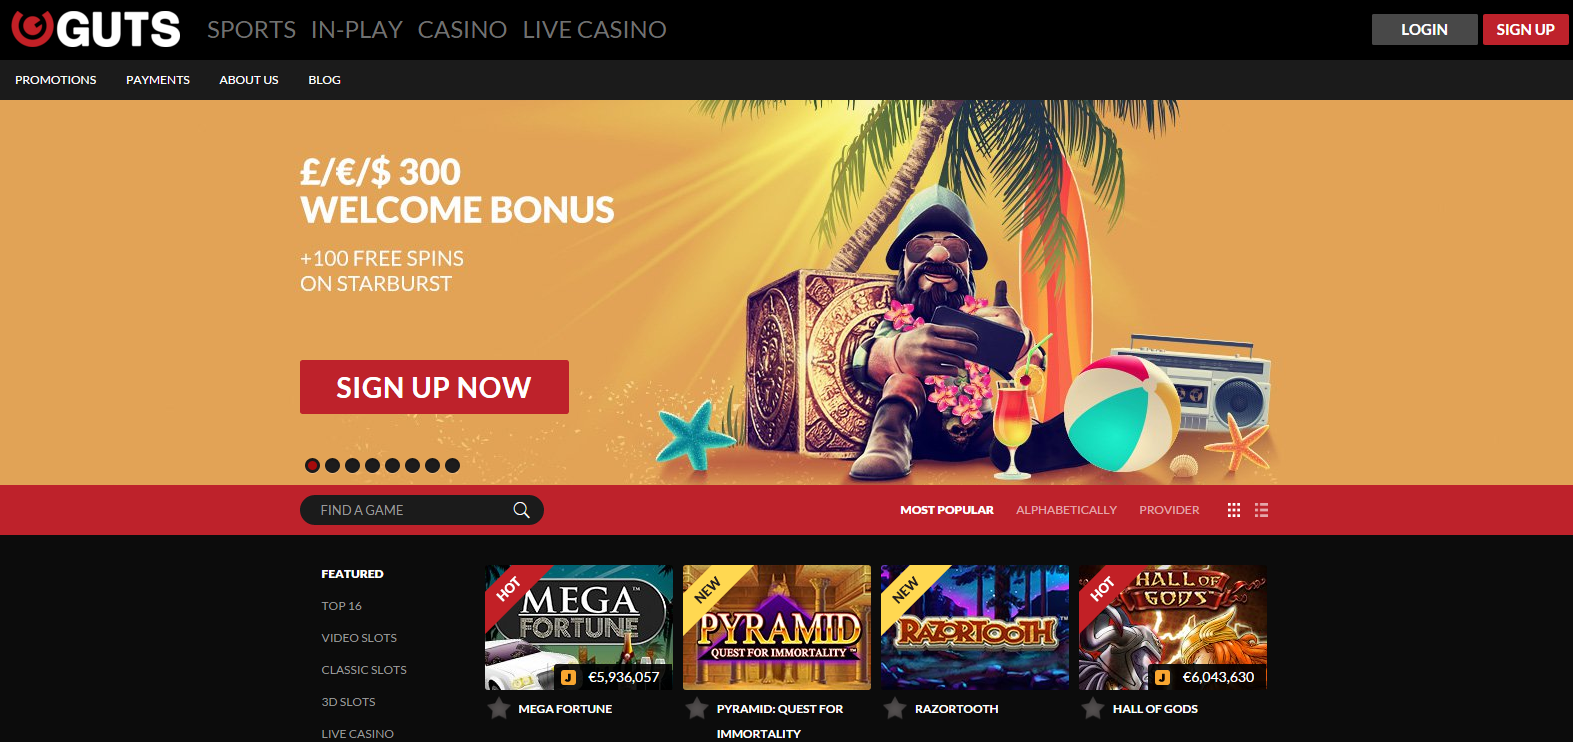 обзор онлайн казино, интернет казино играть, игровые автоматы онлайн